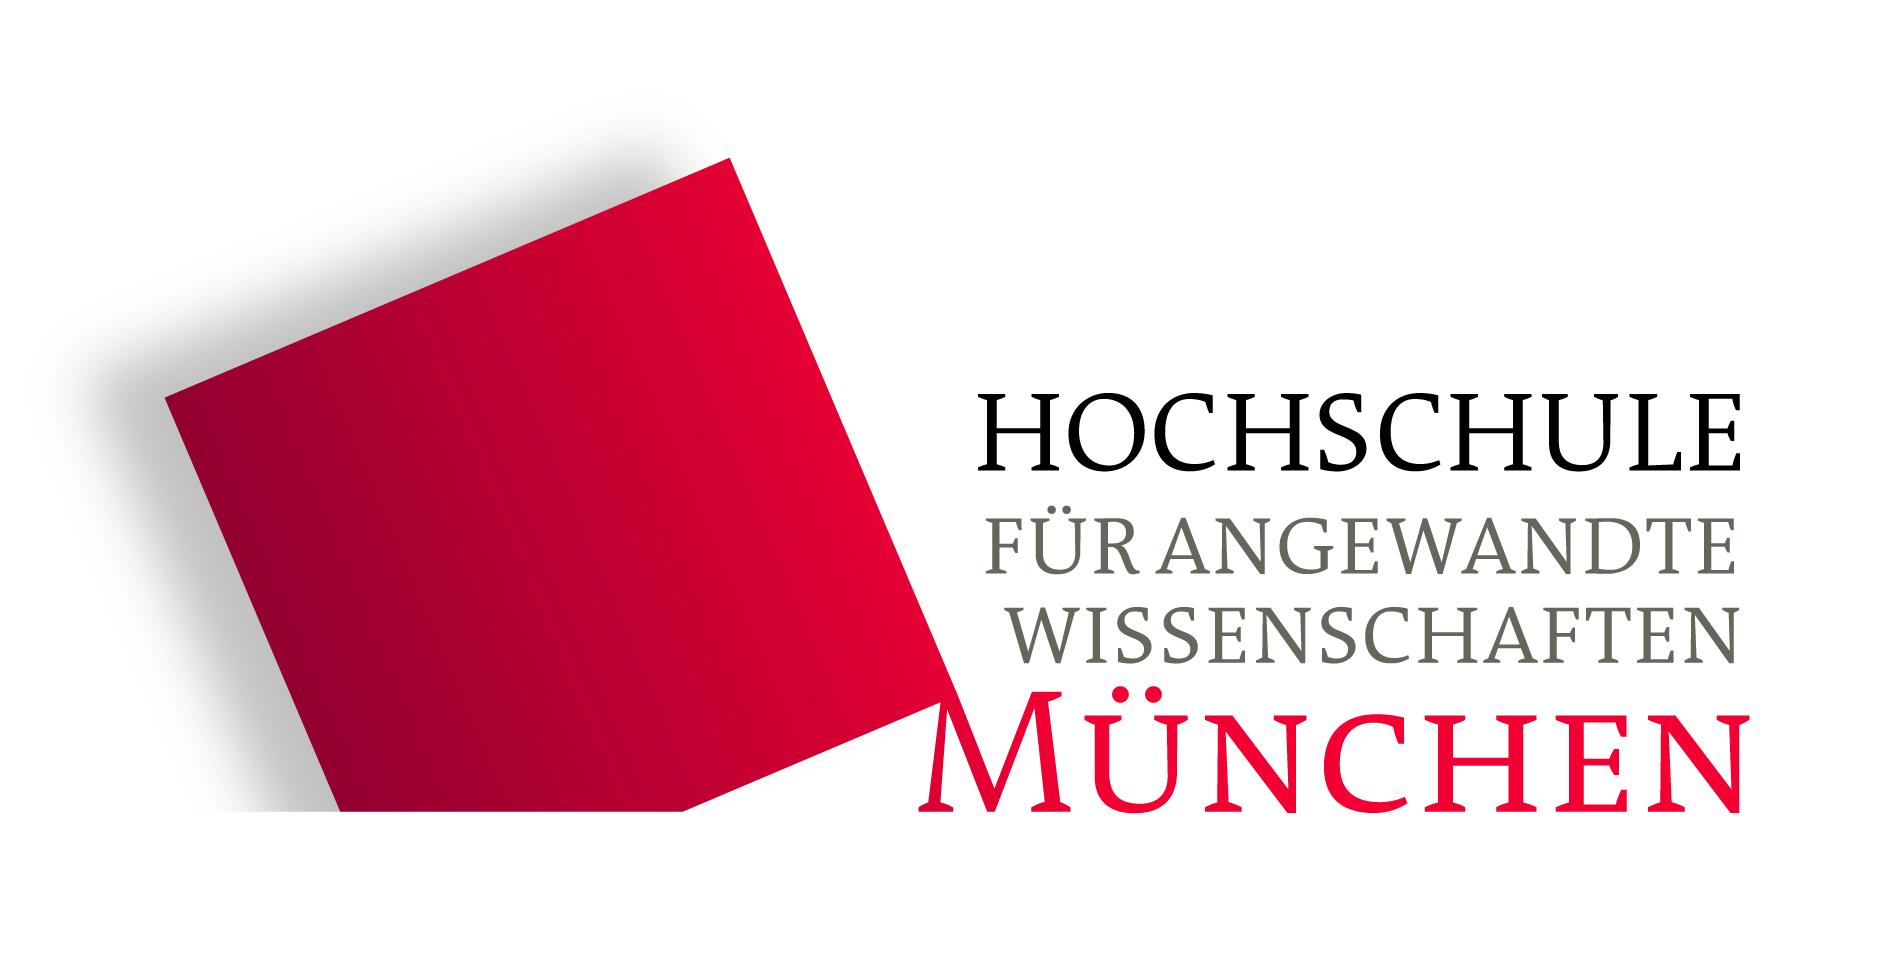 hochschule mnchen logojpg - Fh Munchen Bewerbung